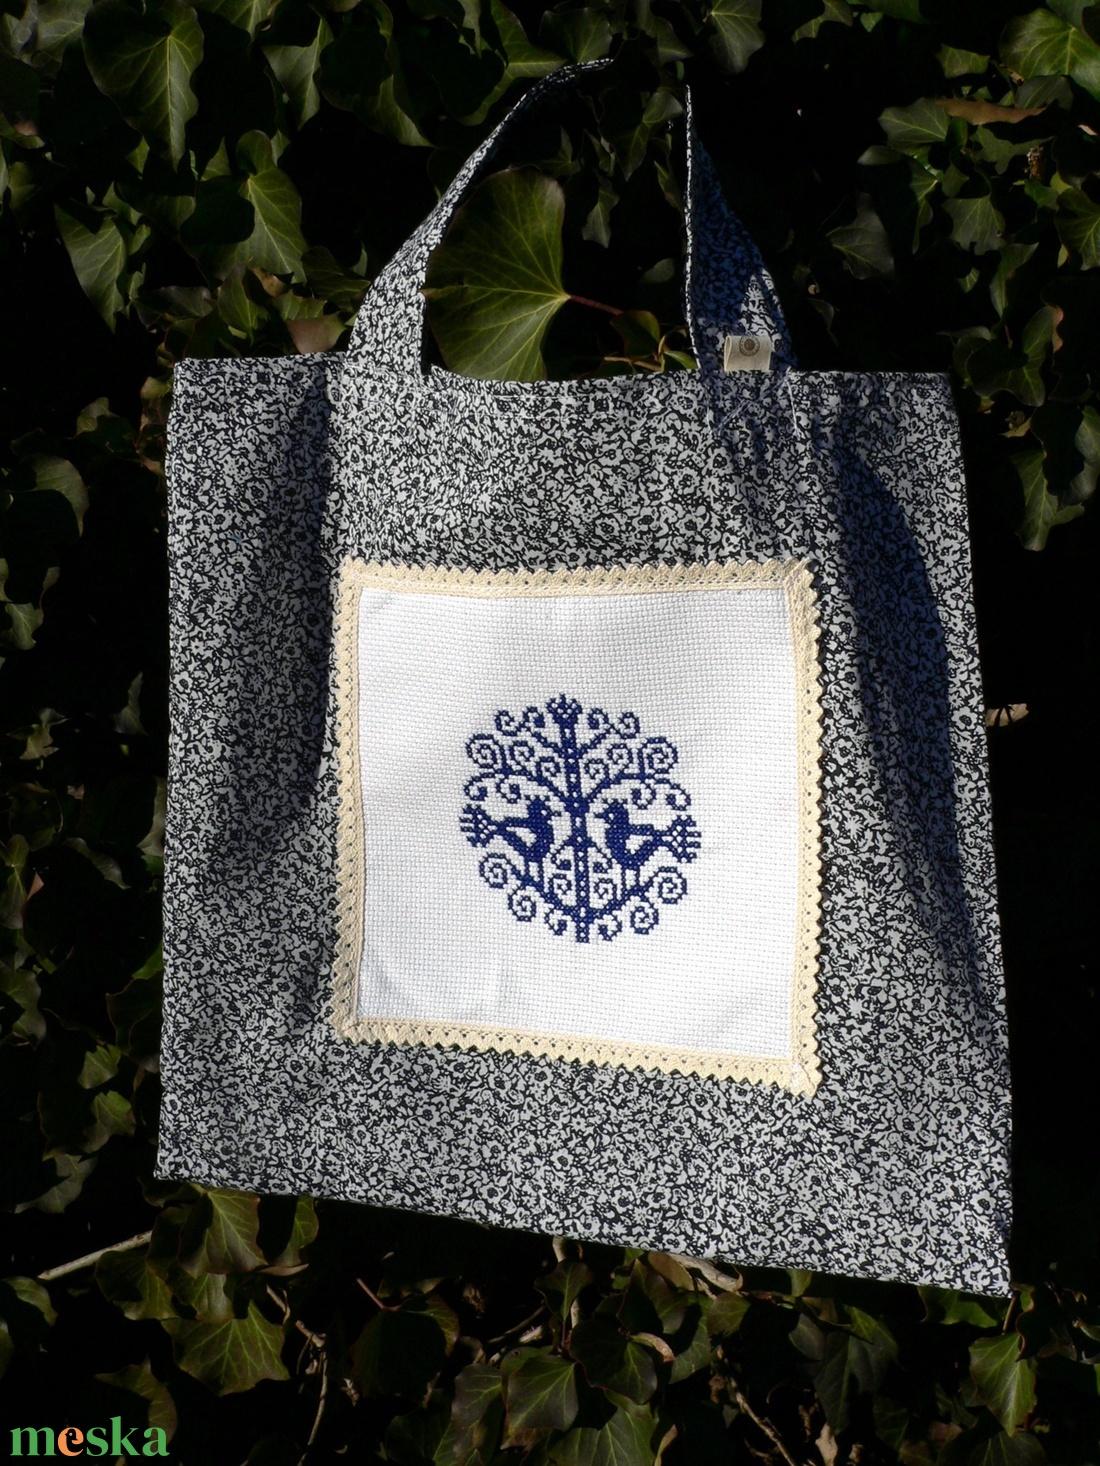 BLUE BIRDIES. Autentikus madárkás shopper. - táska & tok - bevásárlás & shopper táska - shopper, textiltáska, szatyor - Meska.hu